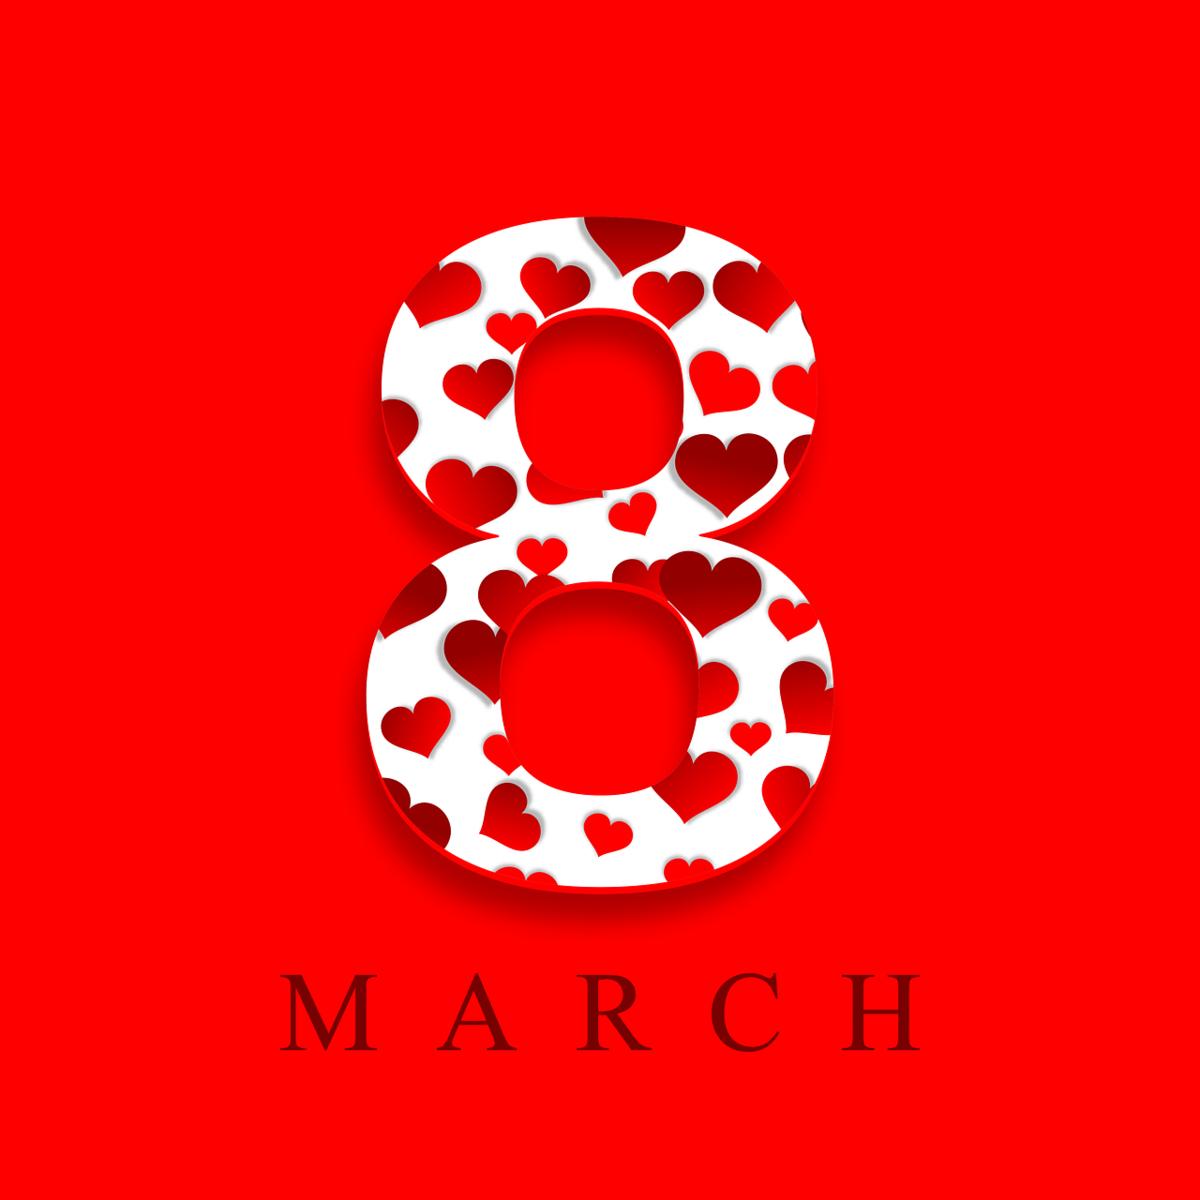 8 марта картинки оригинальные